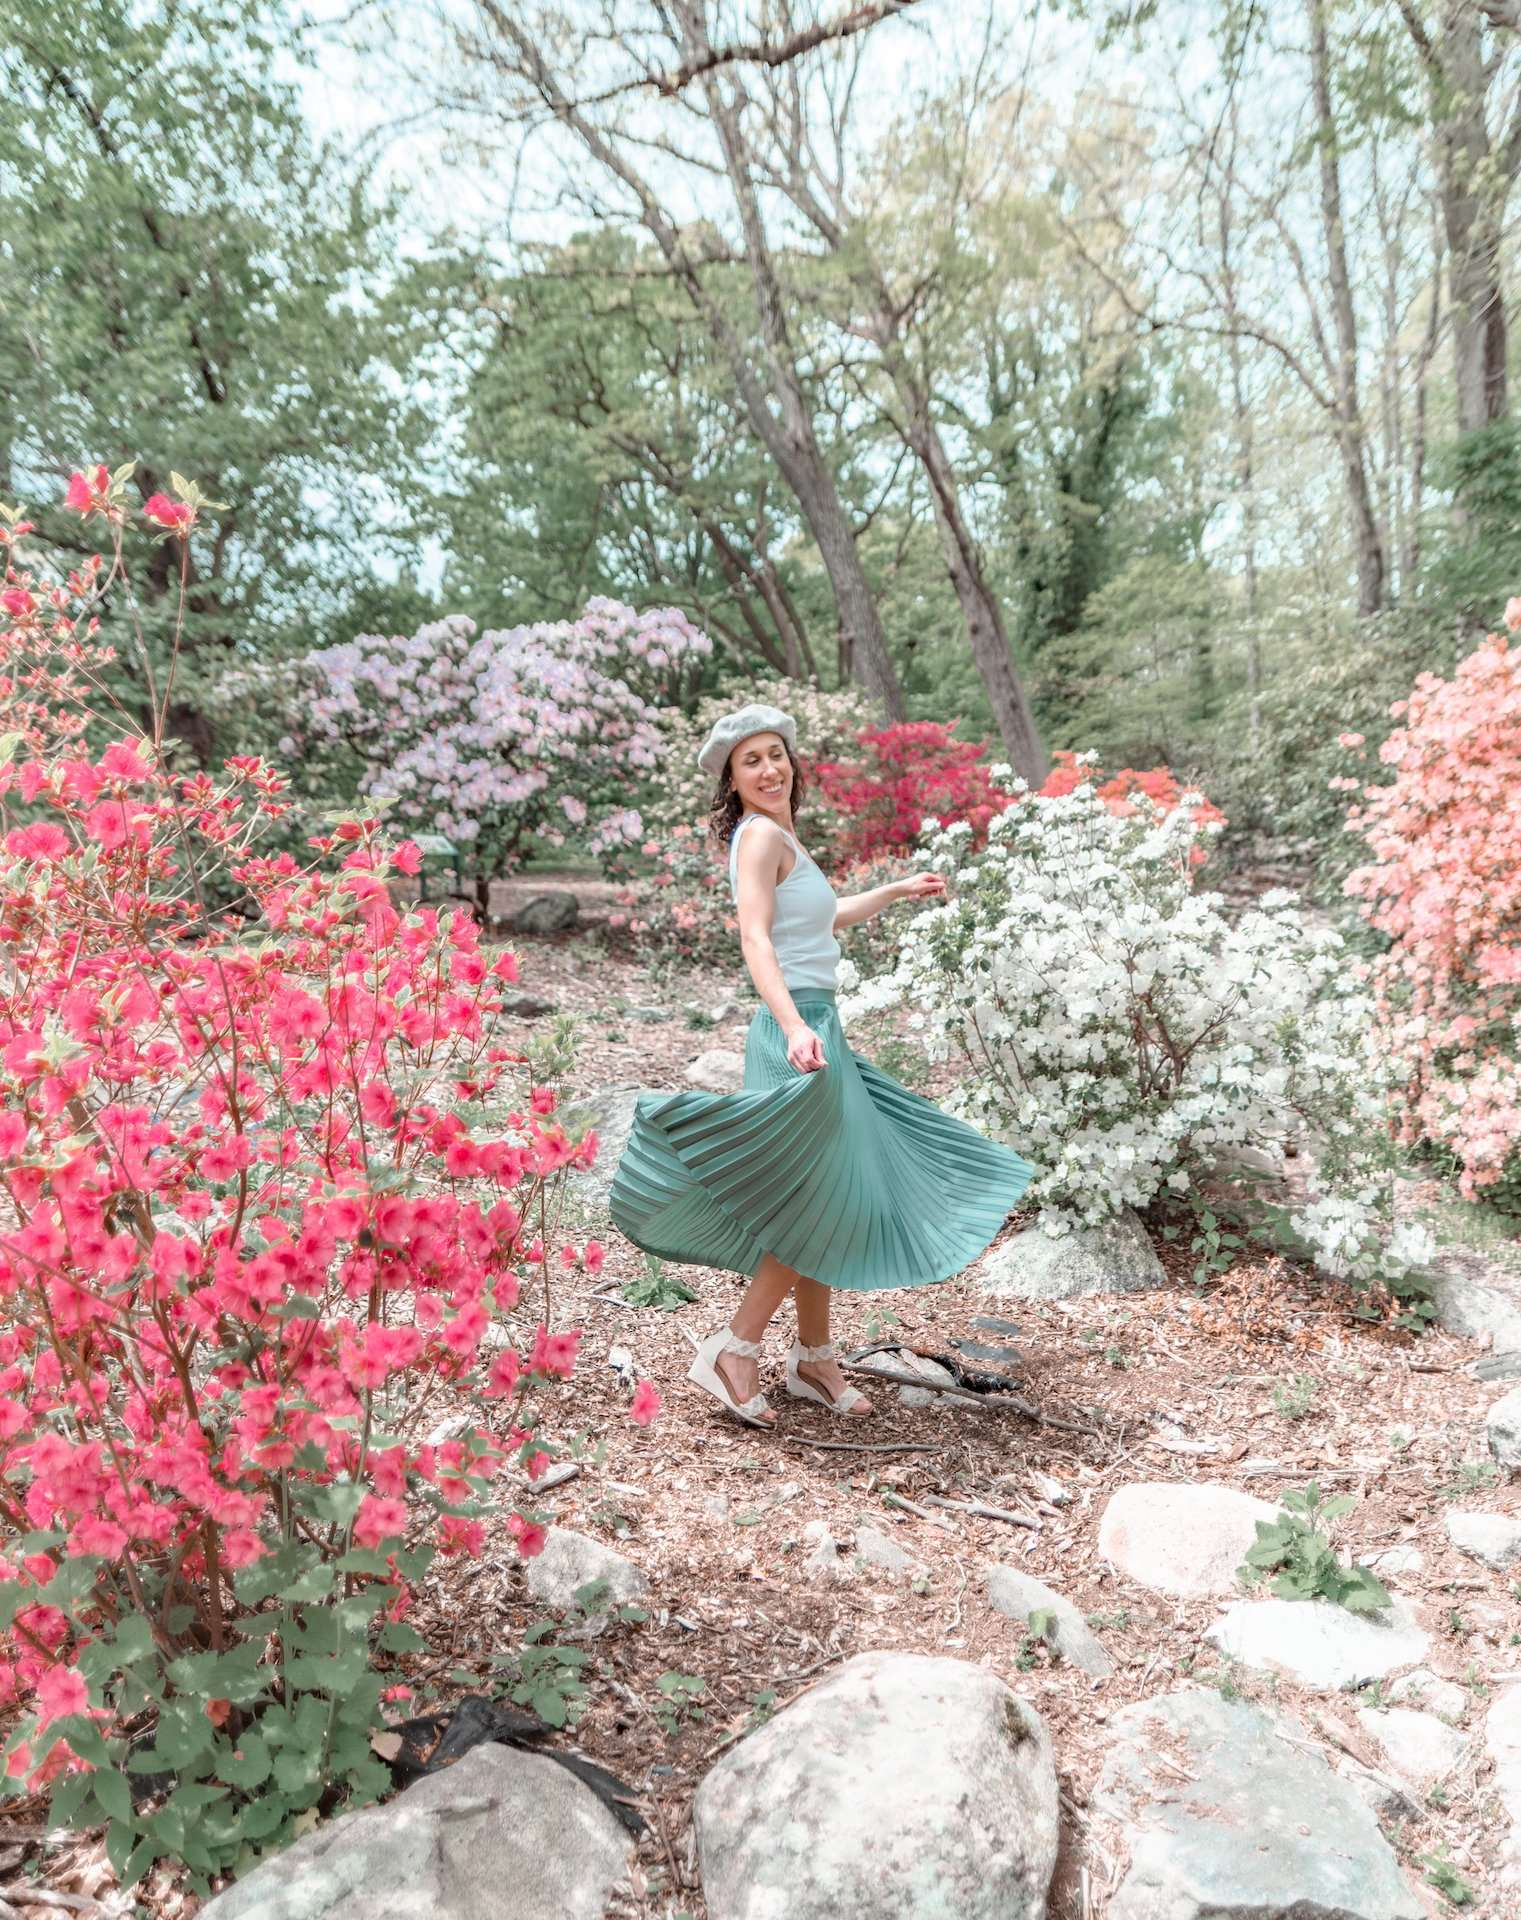 Dancing at Stamford Arboretum